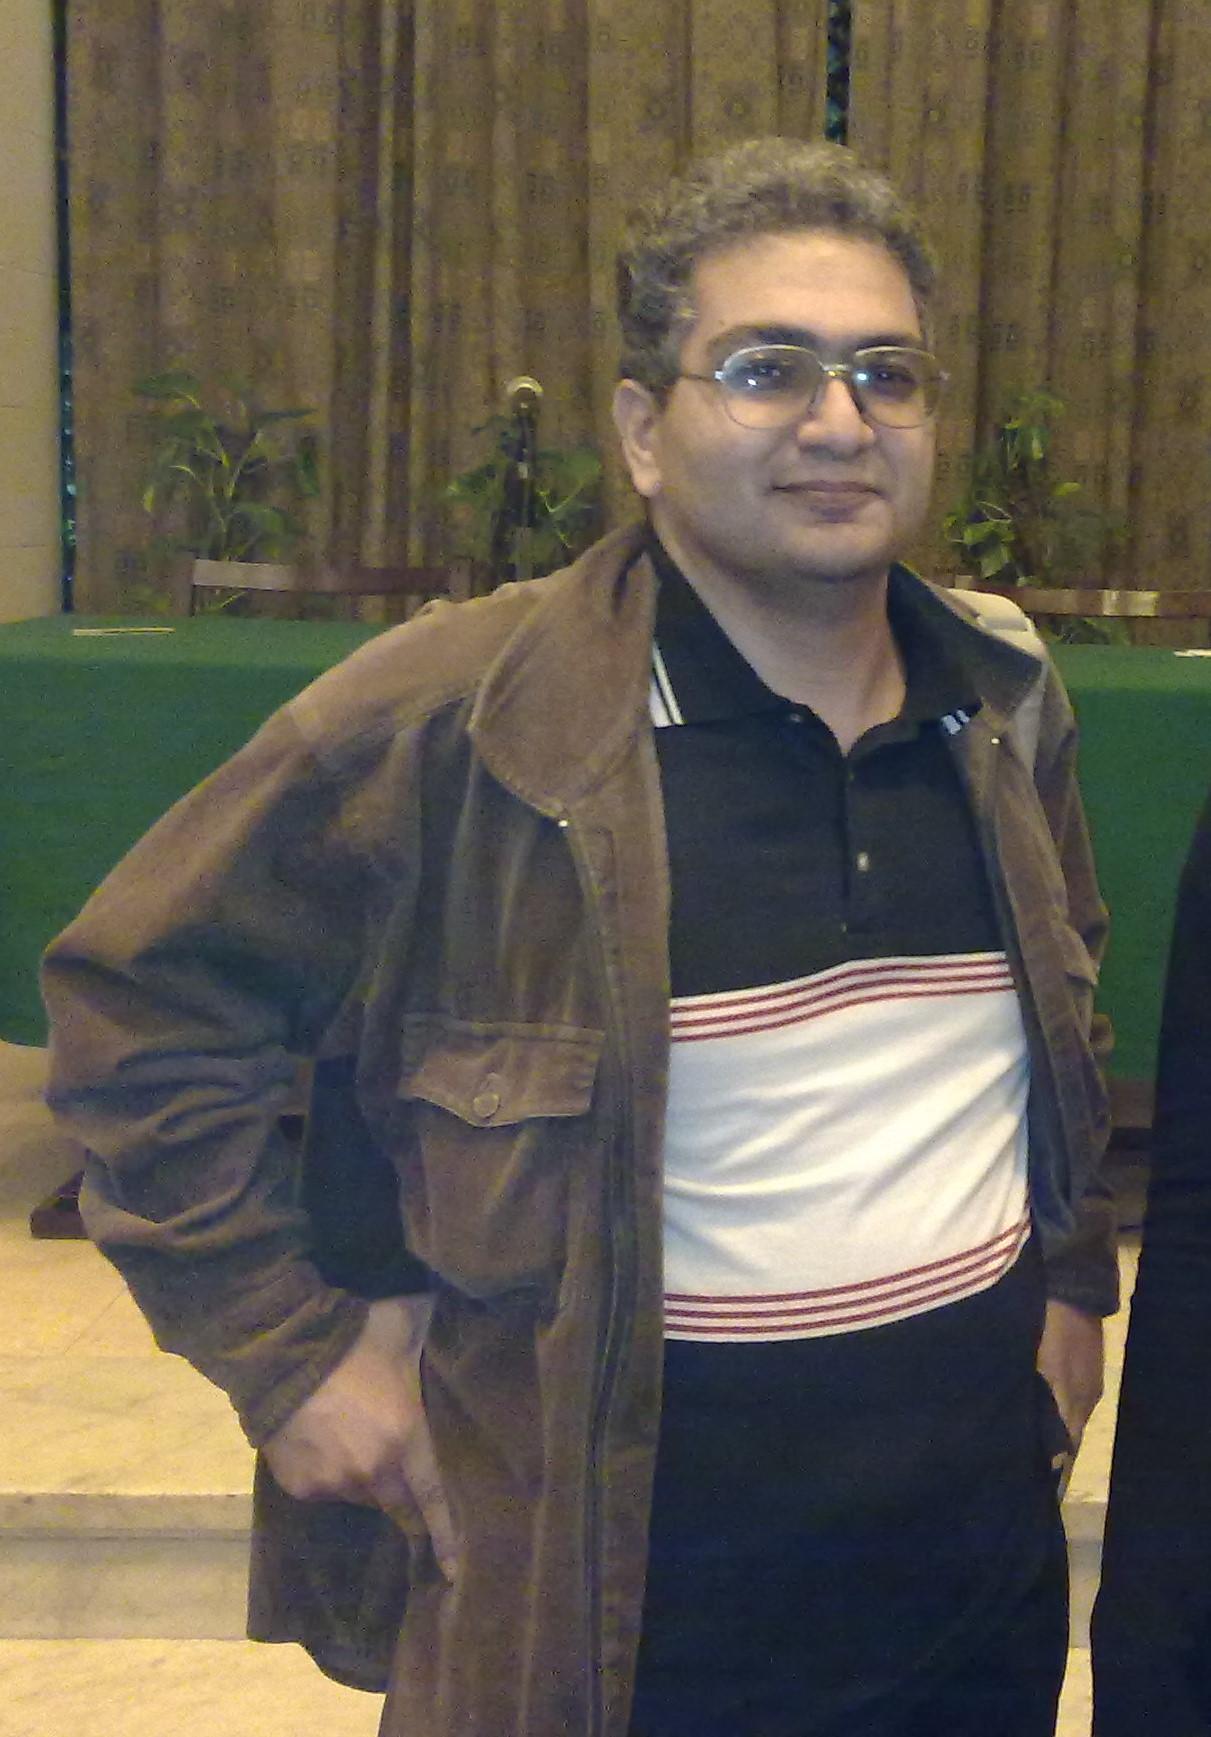 Contributor Bio: Emad El-Din Aysha